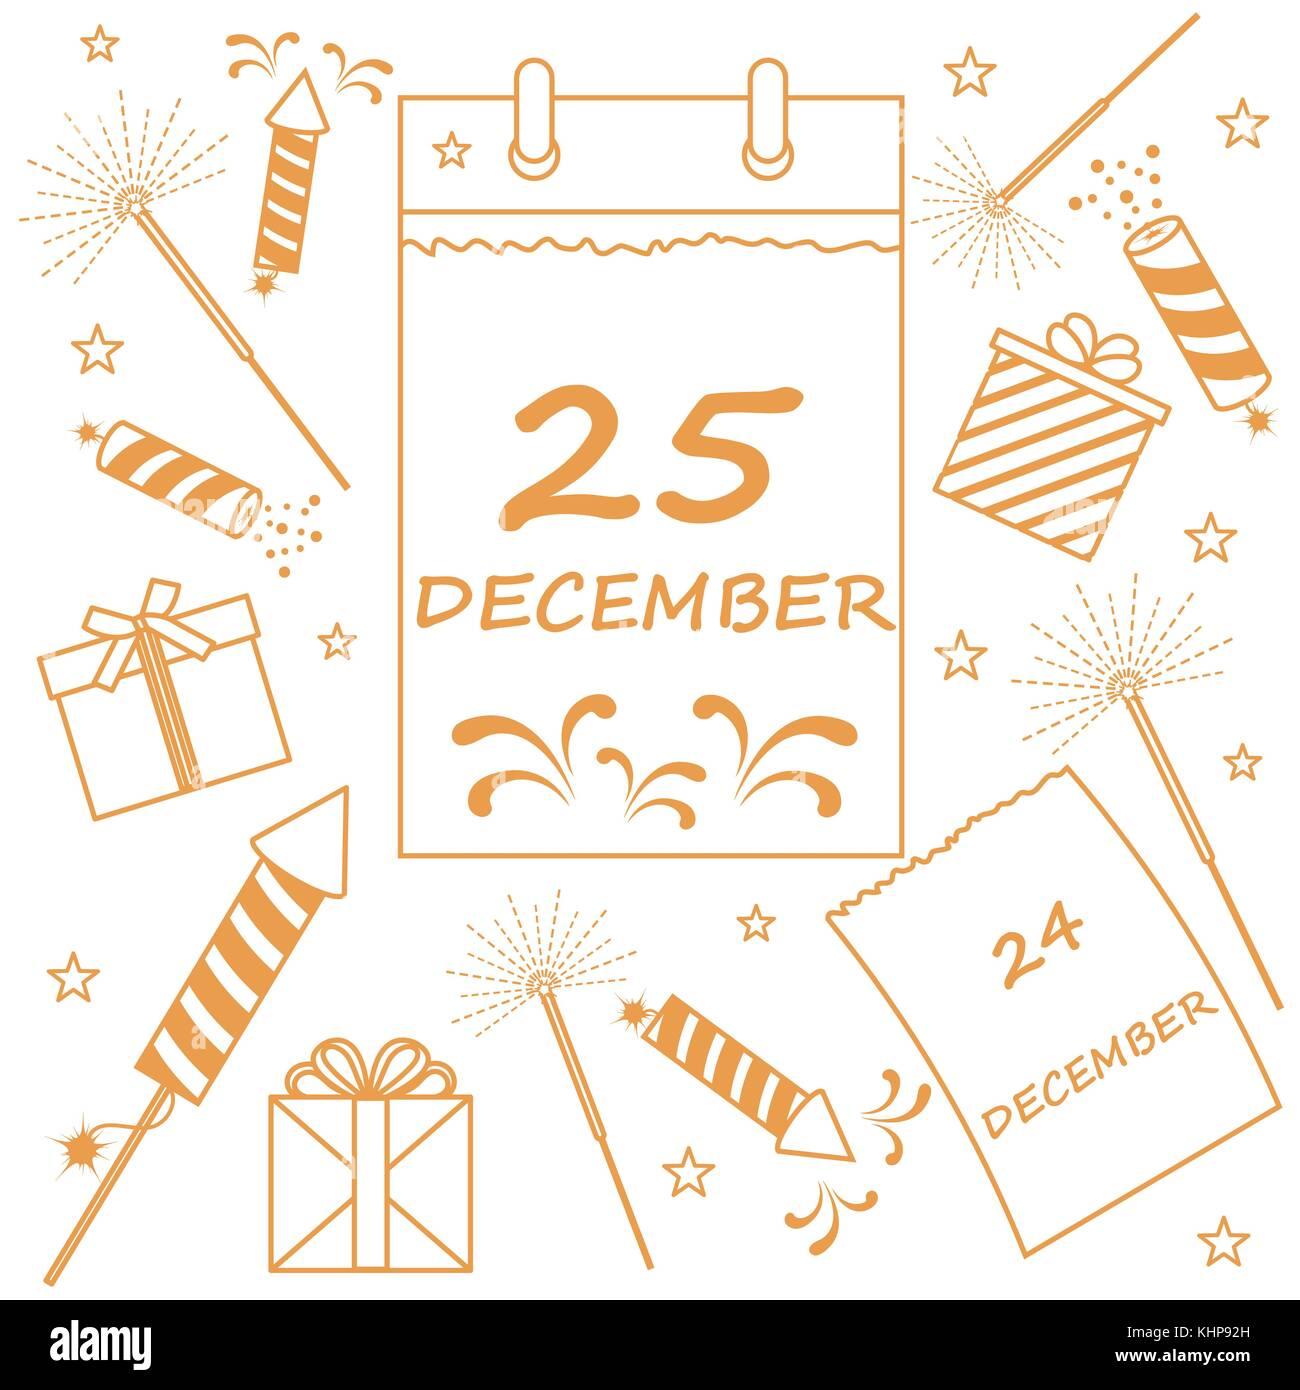 Weihnachten Datum.Vector Illustration Kalender Mit Weihnachten Datum Seite Und